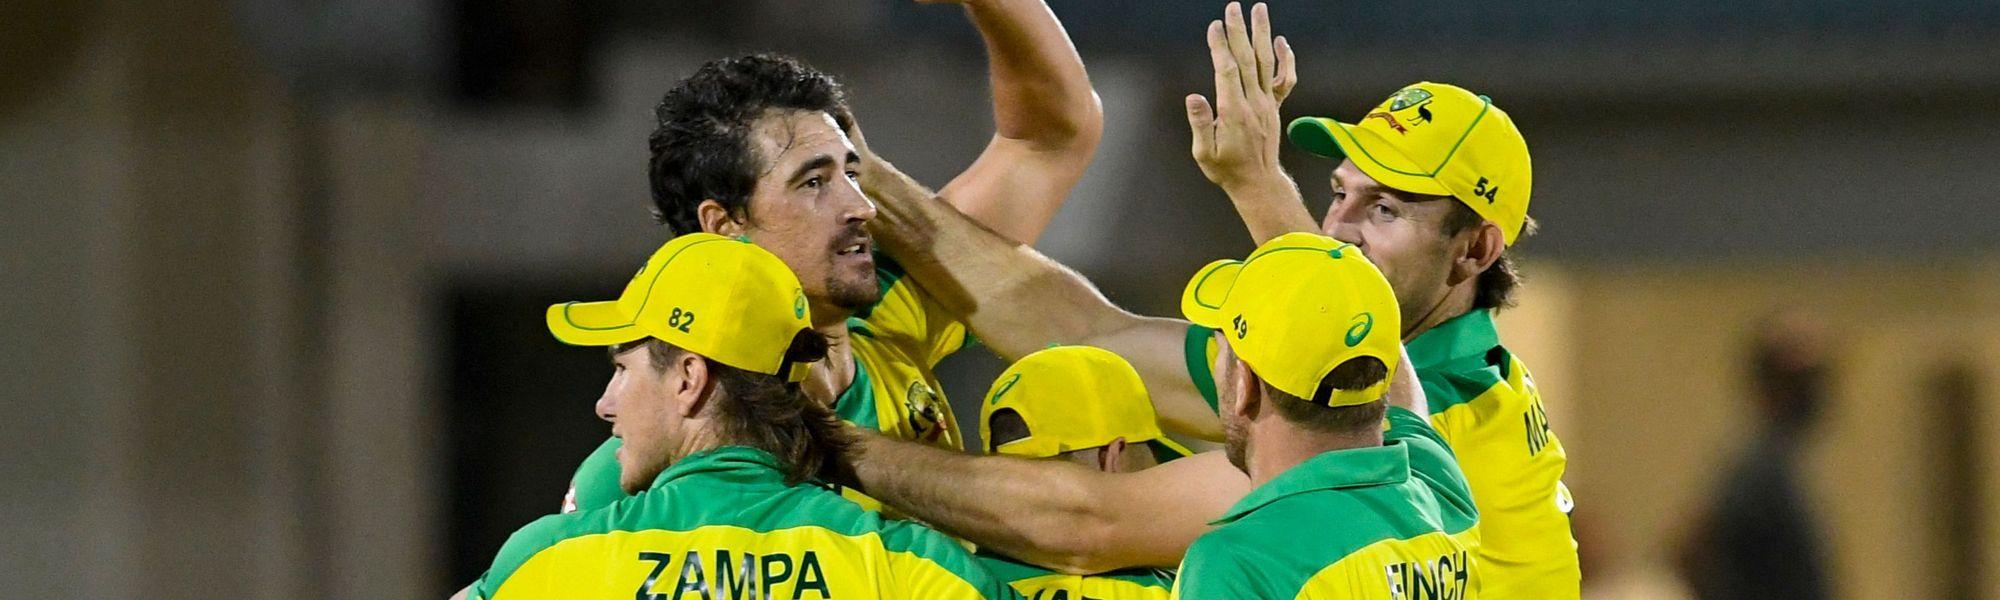 Australia celebrate victory in first ODI